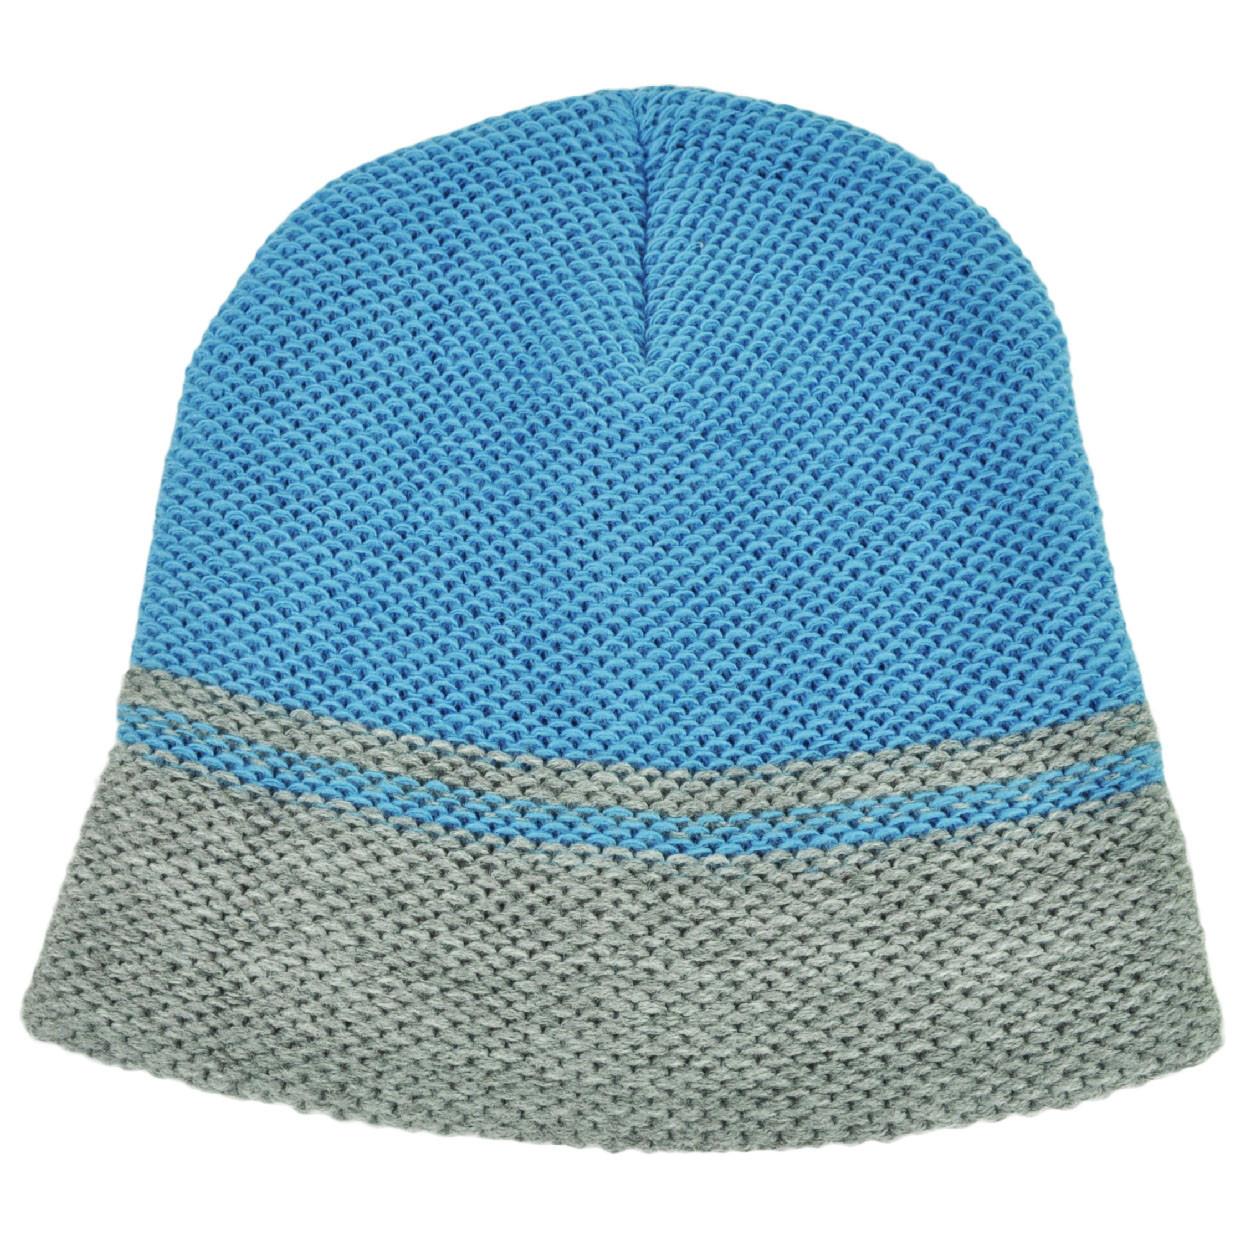 Baby Blue Gray Cuffless Knit Beanie Toque Striped Woven Blank Plain ... 34a82e6a5c44